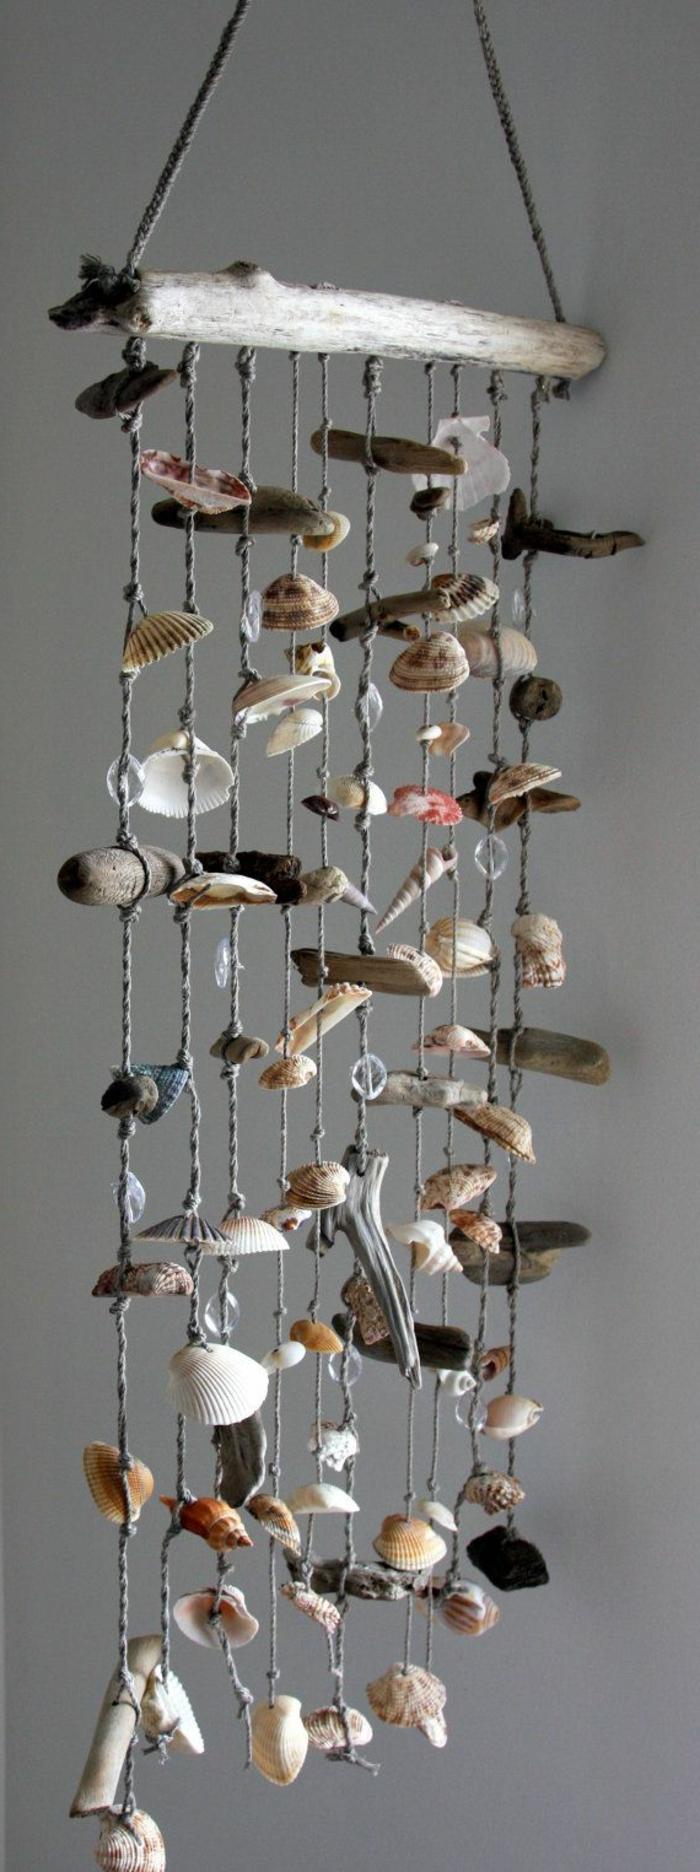 Muscheln-Deko-hängendes-Windspiel-süß-sommerlich-kreativ